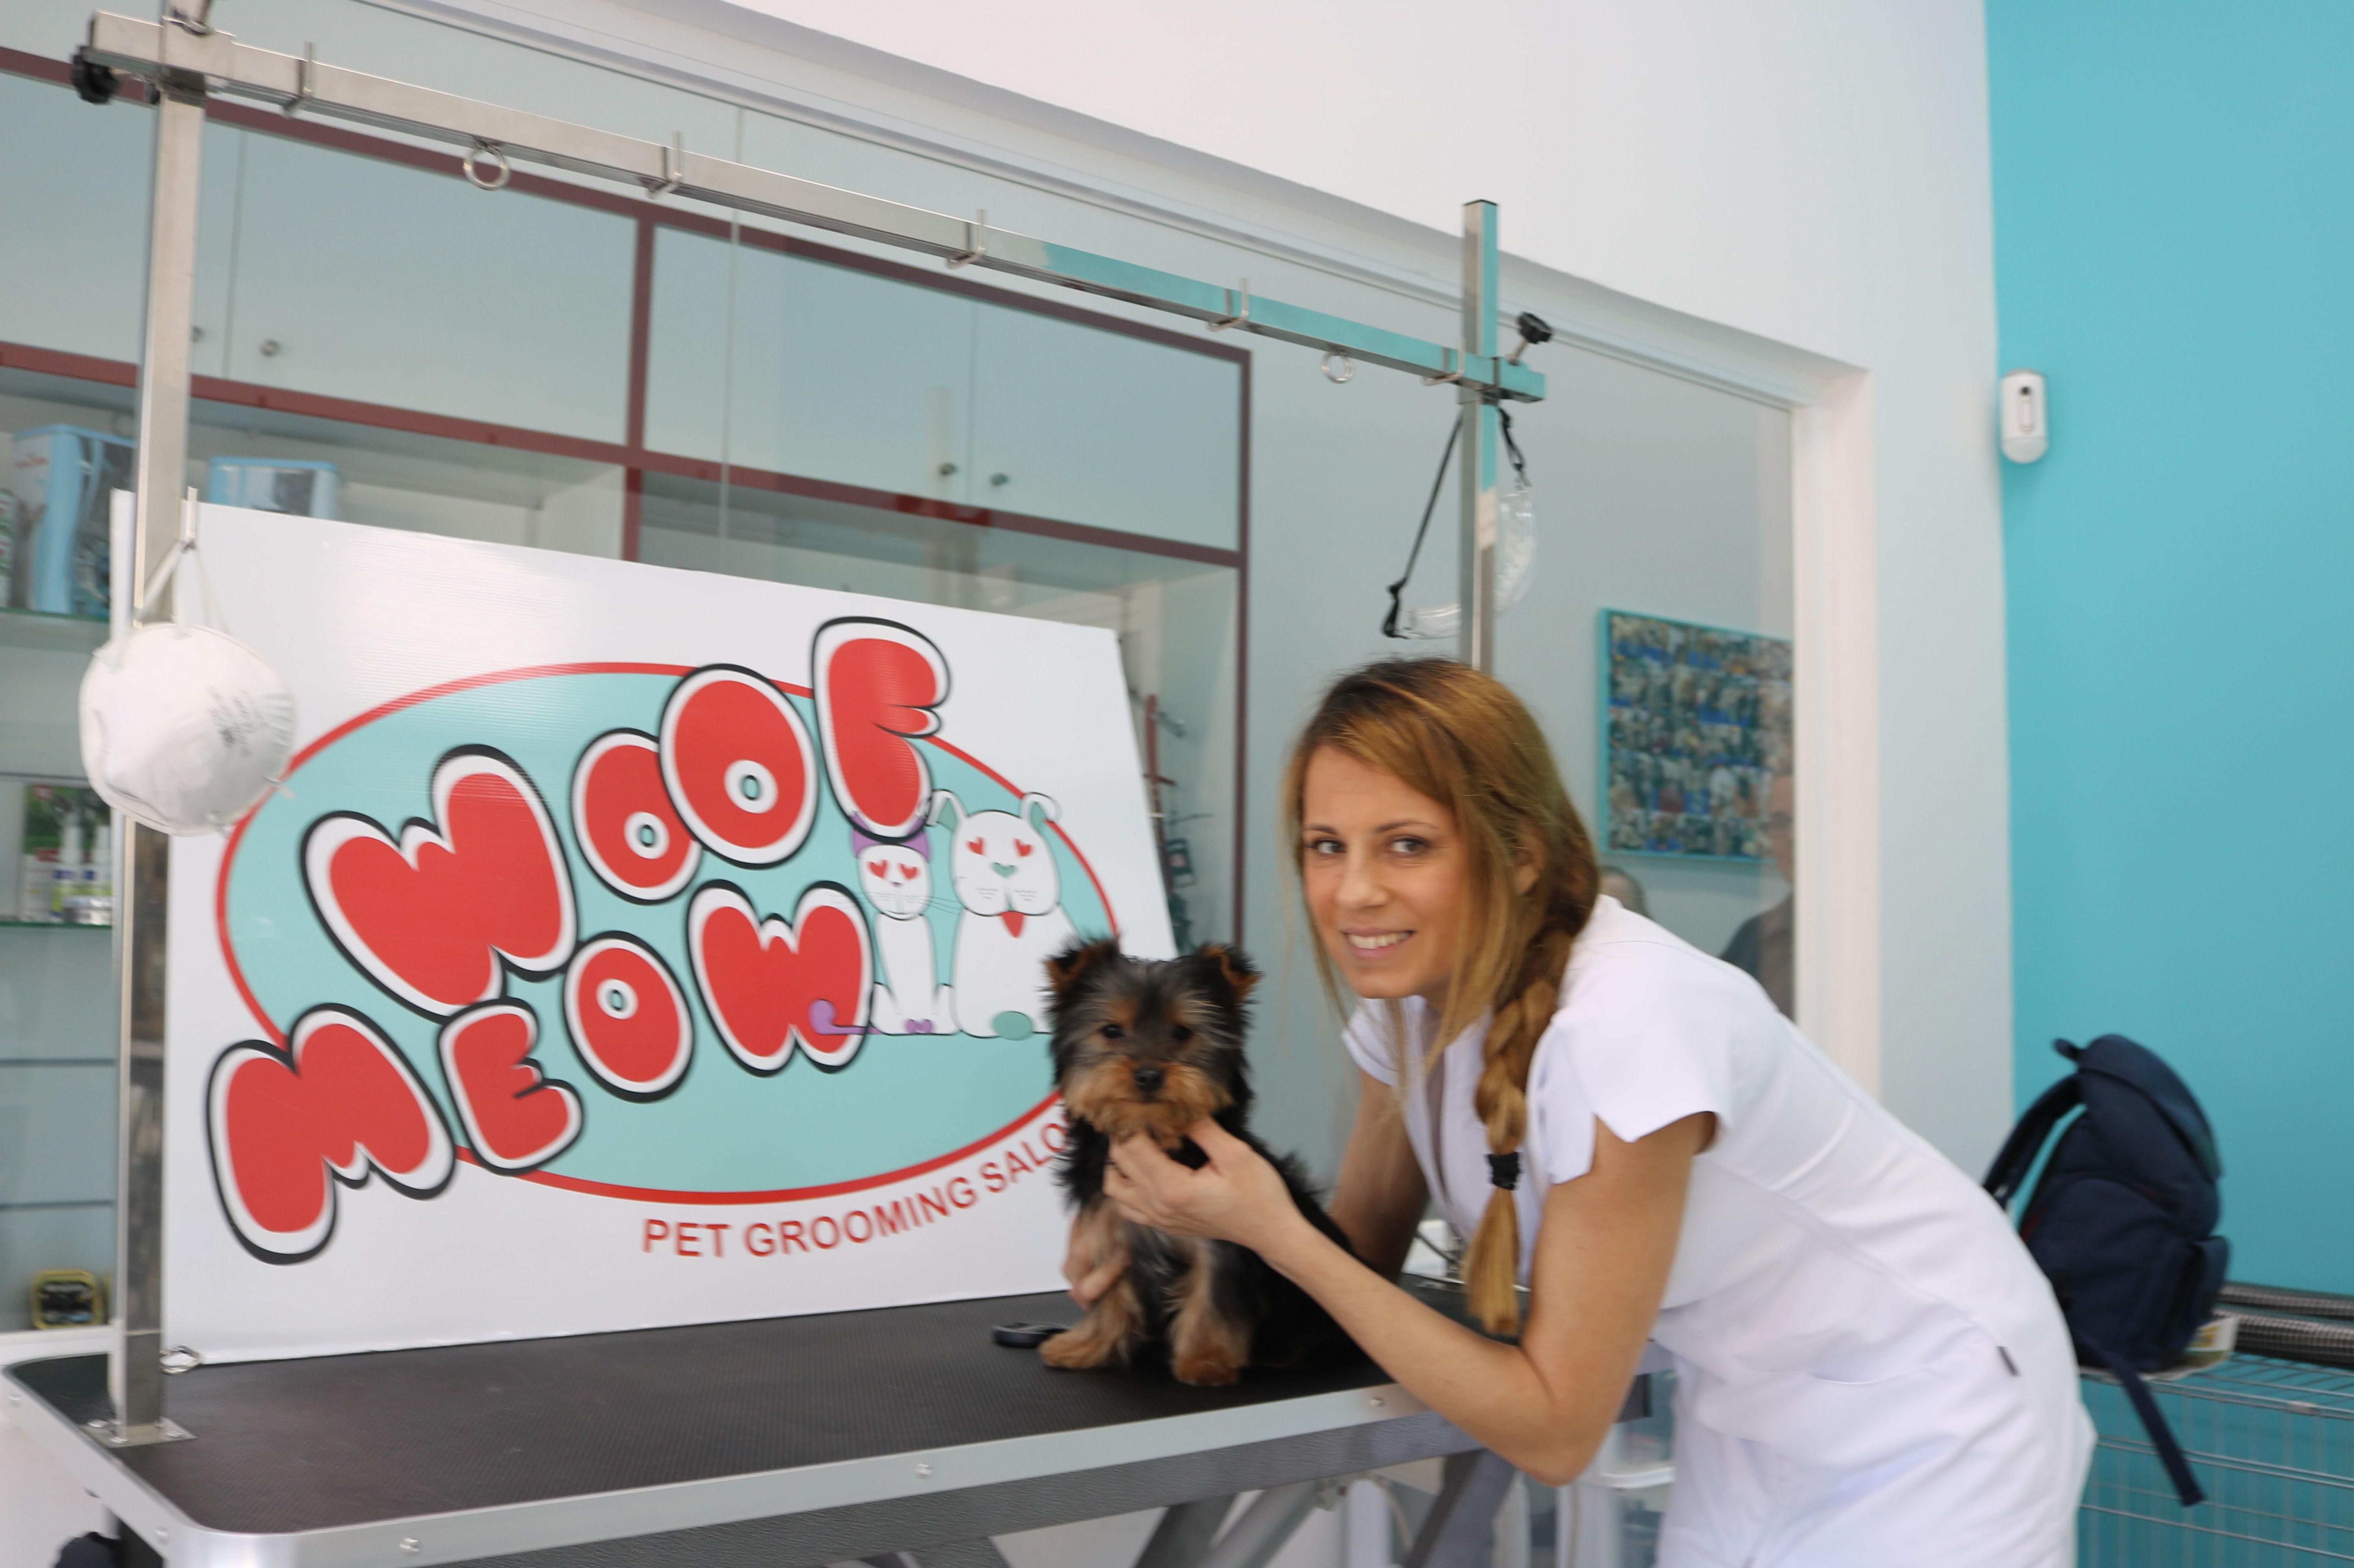 Foto 38 de Peluquerías caninas en Marbella | Academia de Estética Canina Woof Meow